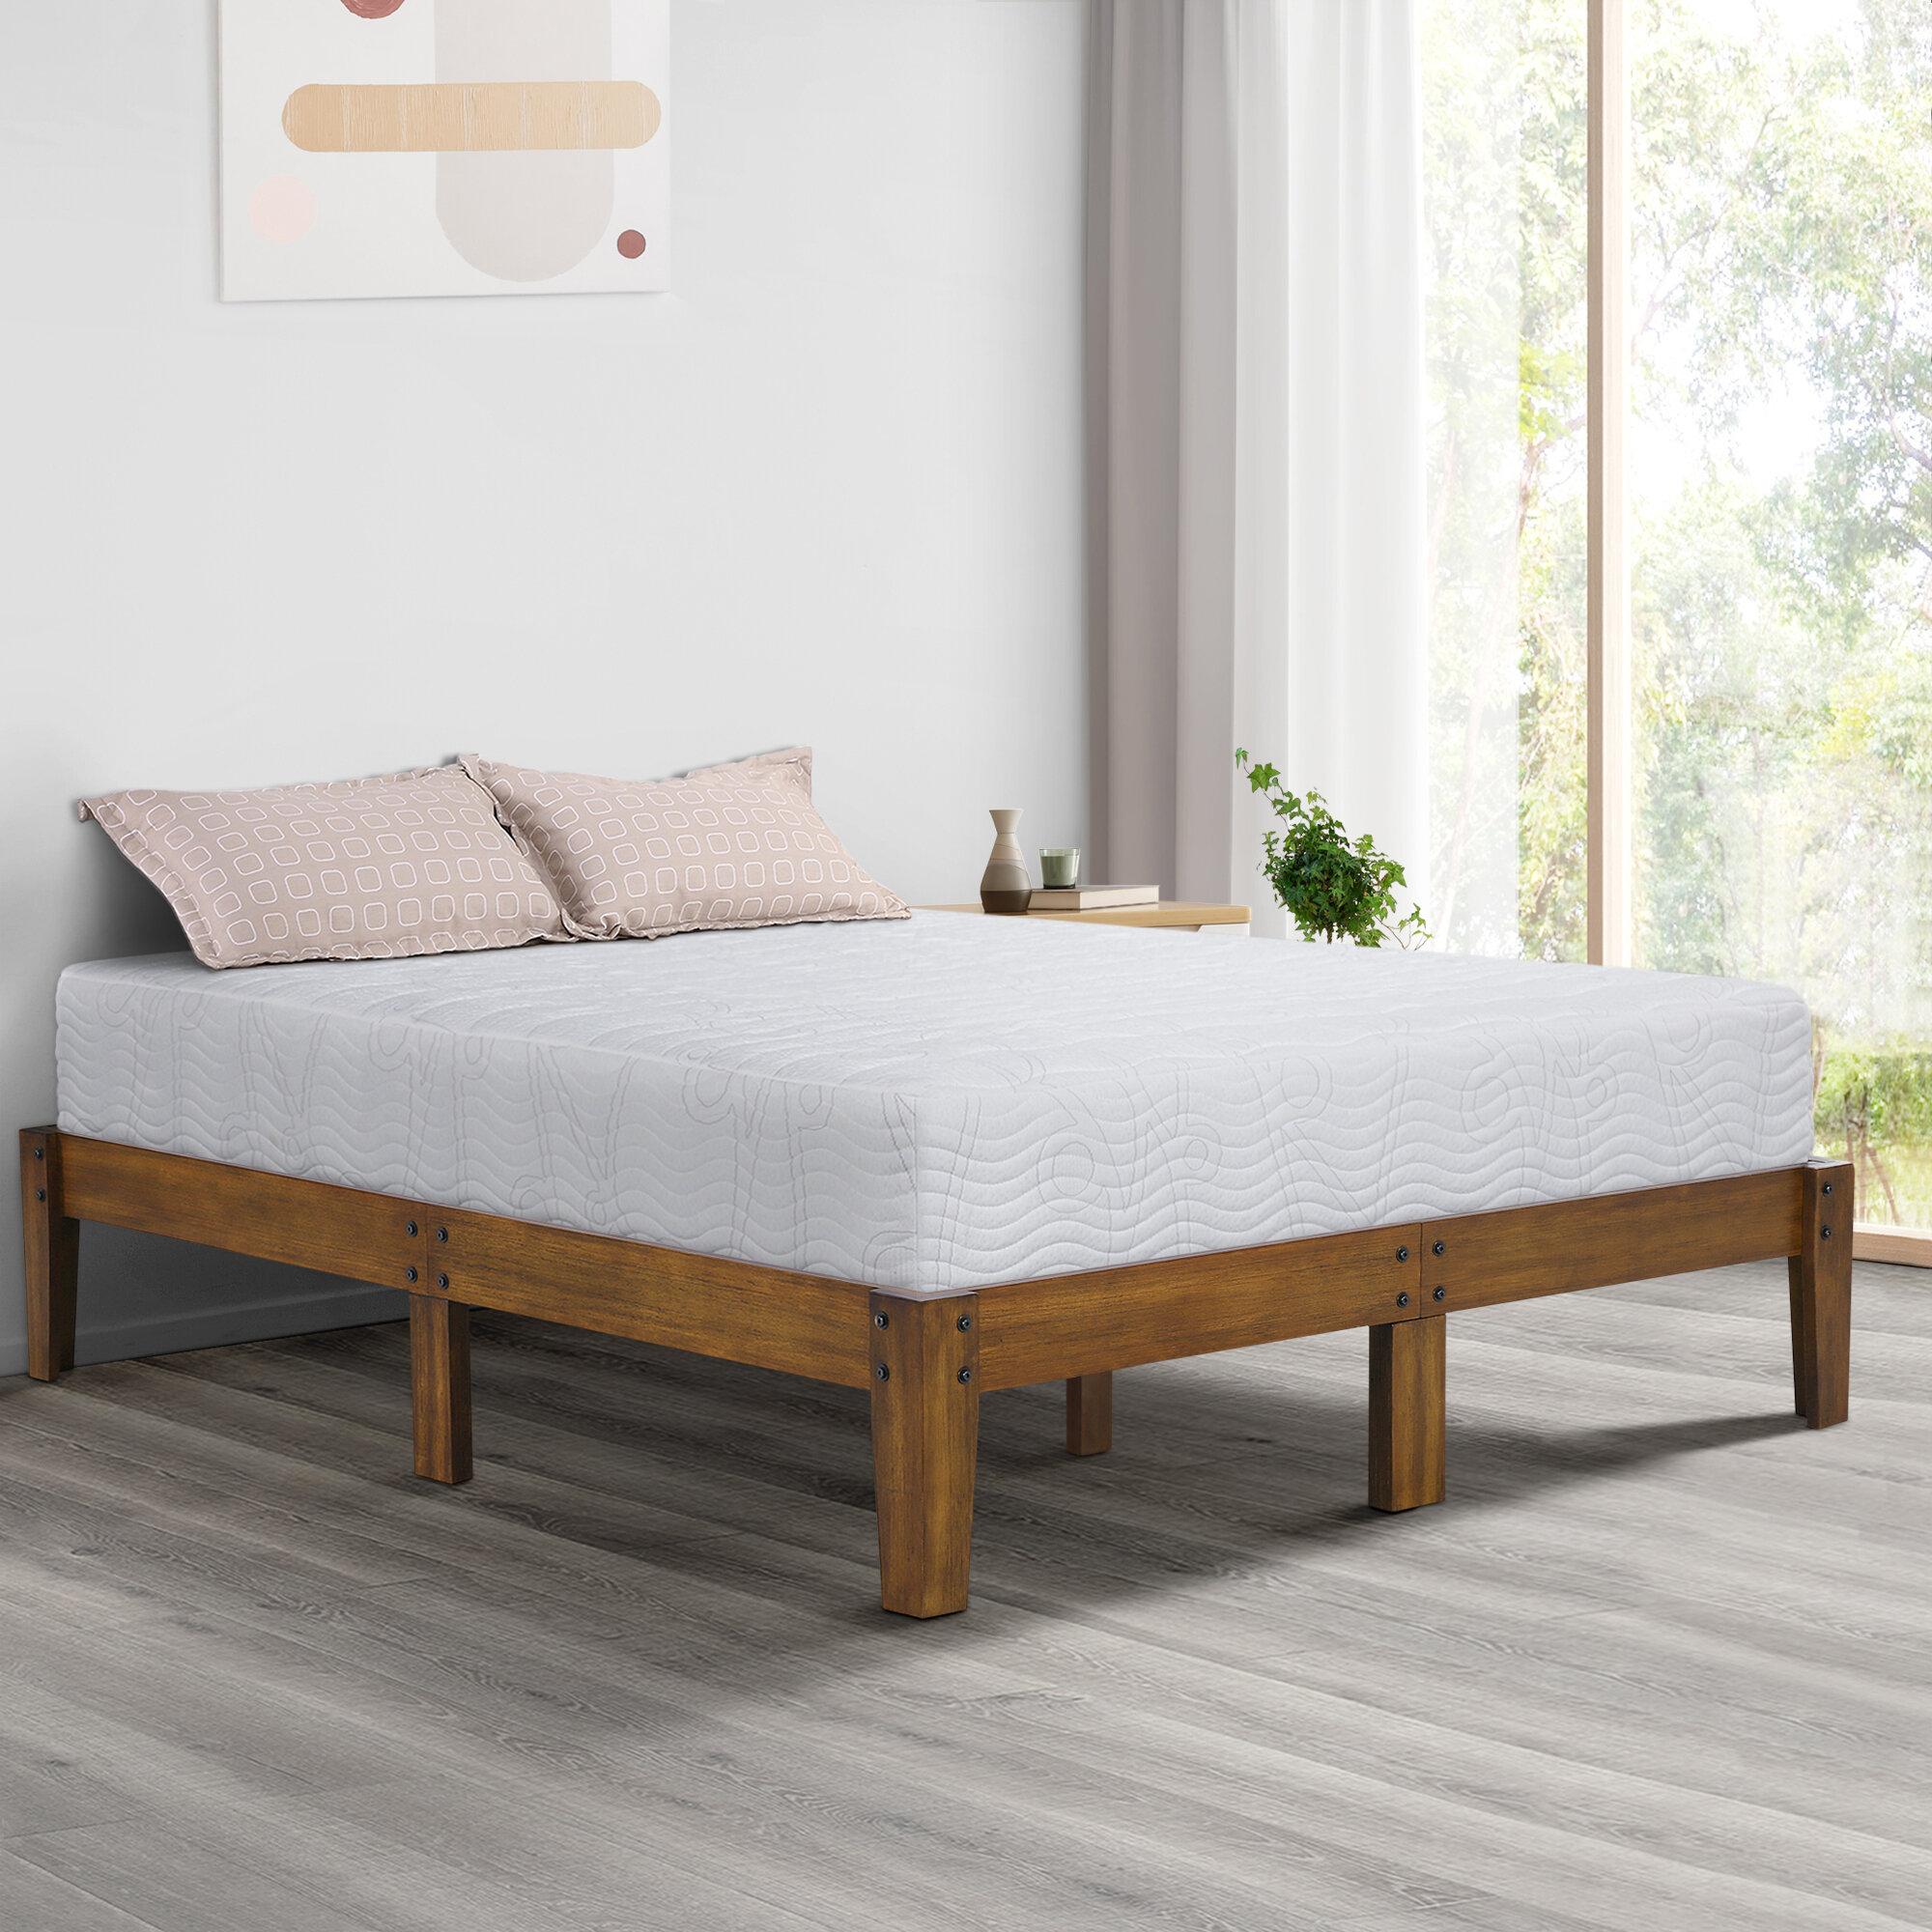 Millwood Pines Eli Solid Wood Platform Bed Reviews Wayfair